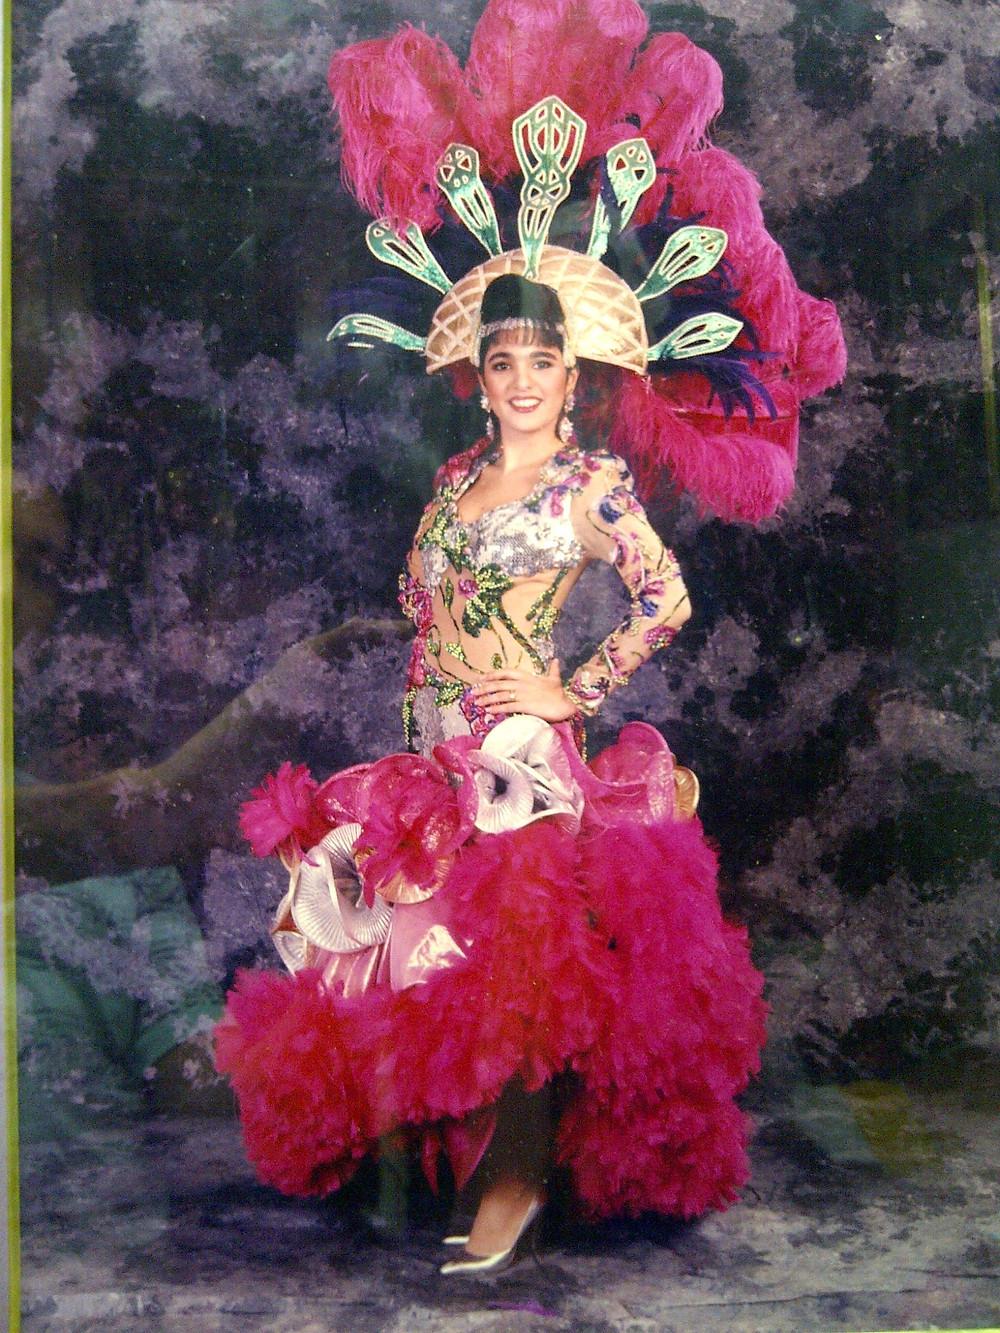 """""""Embrujo gitano"""" es el nombre del vestuario que lució en su Carnaval"""